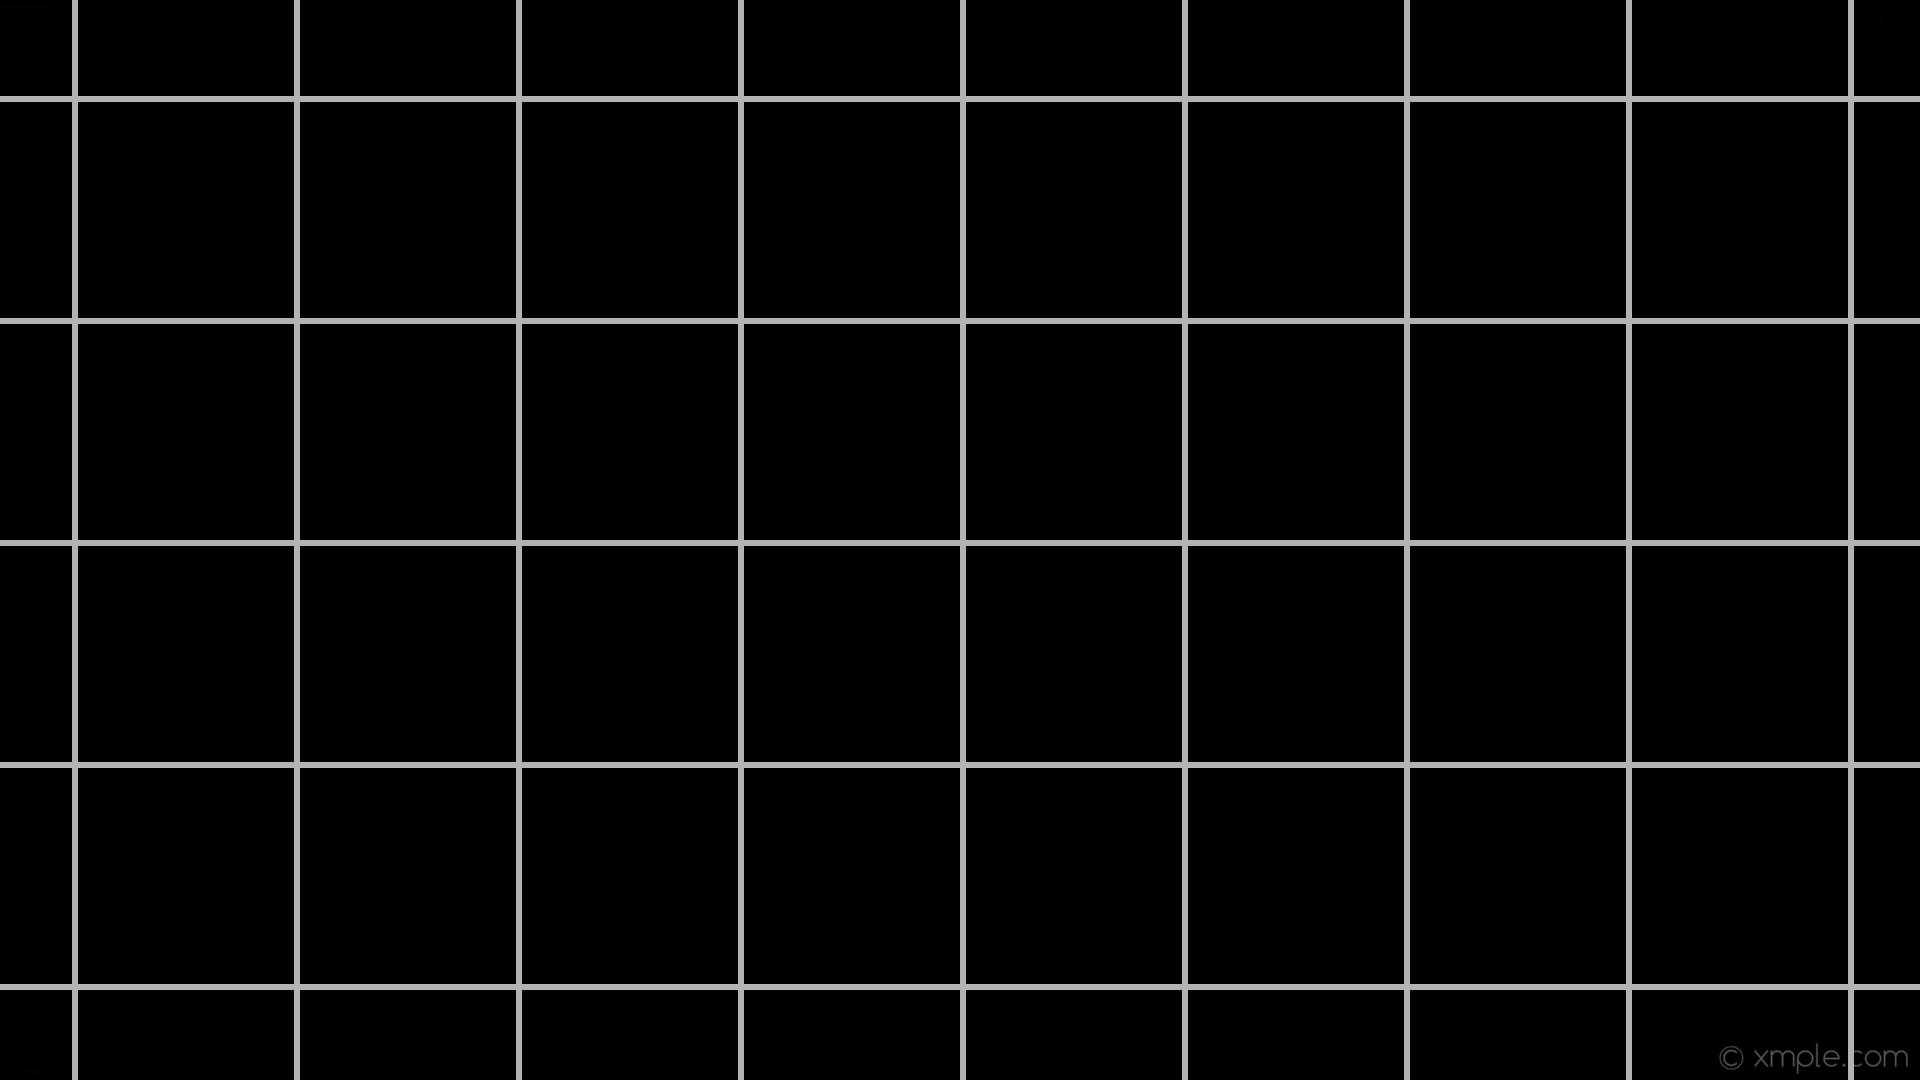 1920x1080 Wallpaper Graph Paper Yellow White Grid Dark Khaki Ffffff Bdb76b 15A 3px 123px